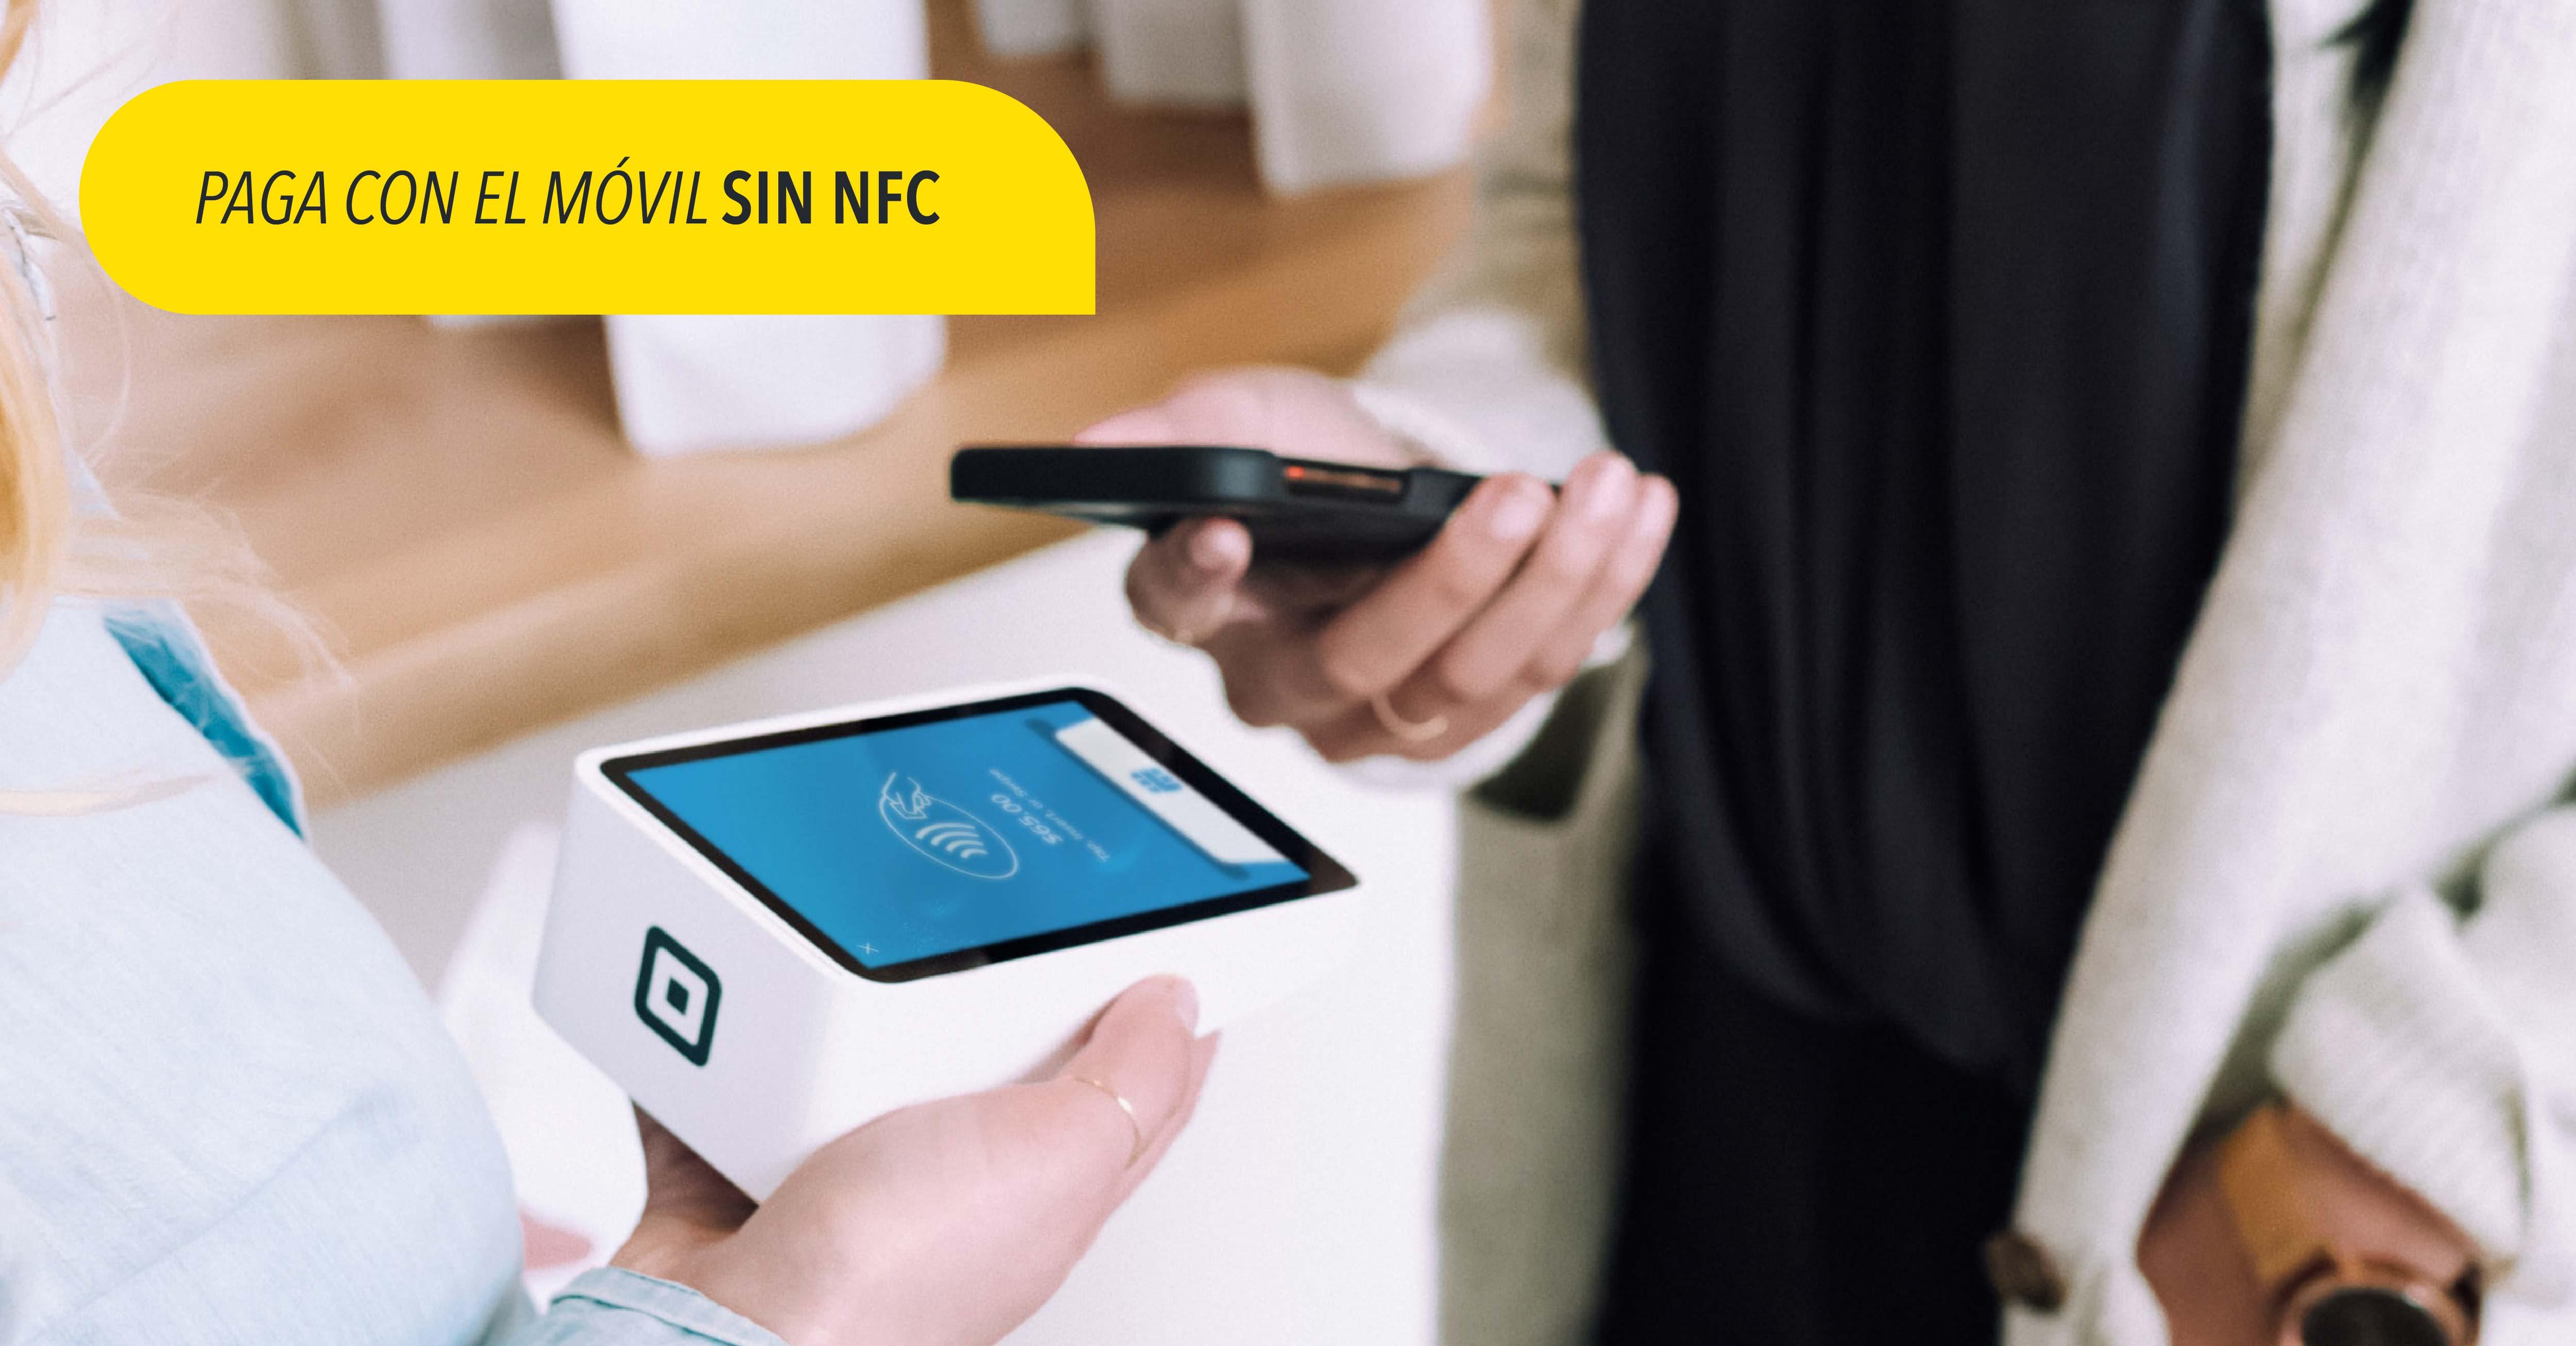 Cómo pagar con el móvil sin NFC